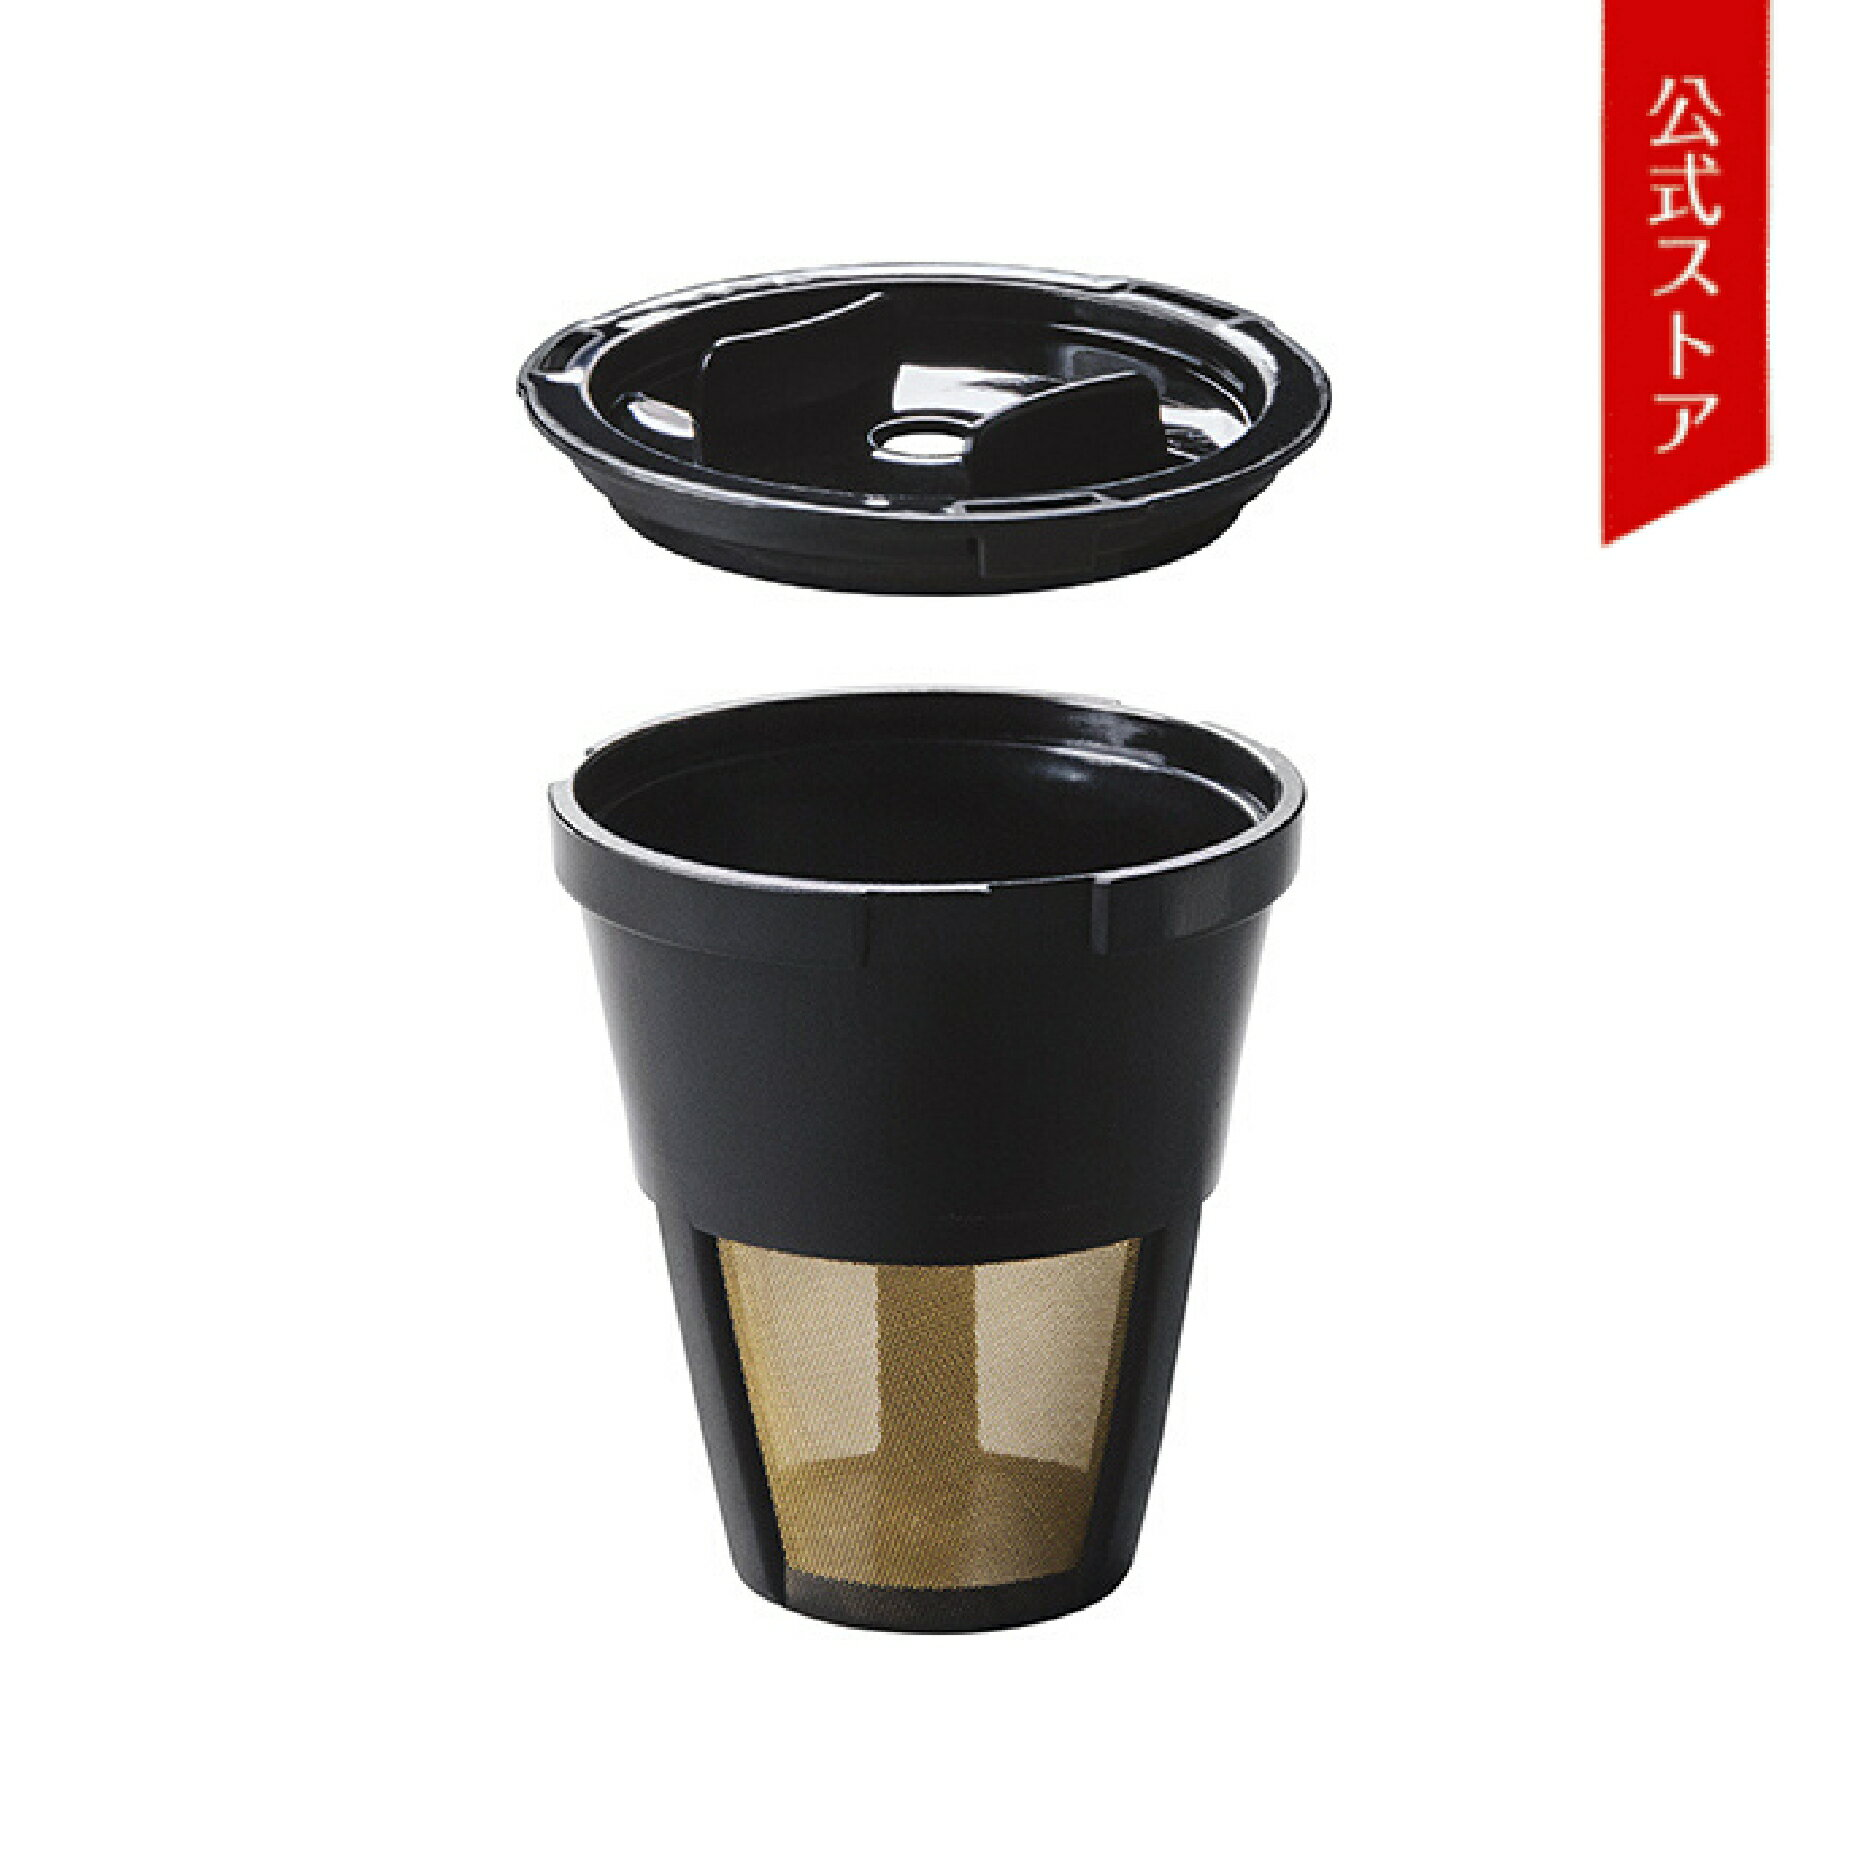 【公式ストア】〈部品・パーツ〉ドリップポッド レギュラーコーヒーフィルター(DP3専用)